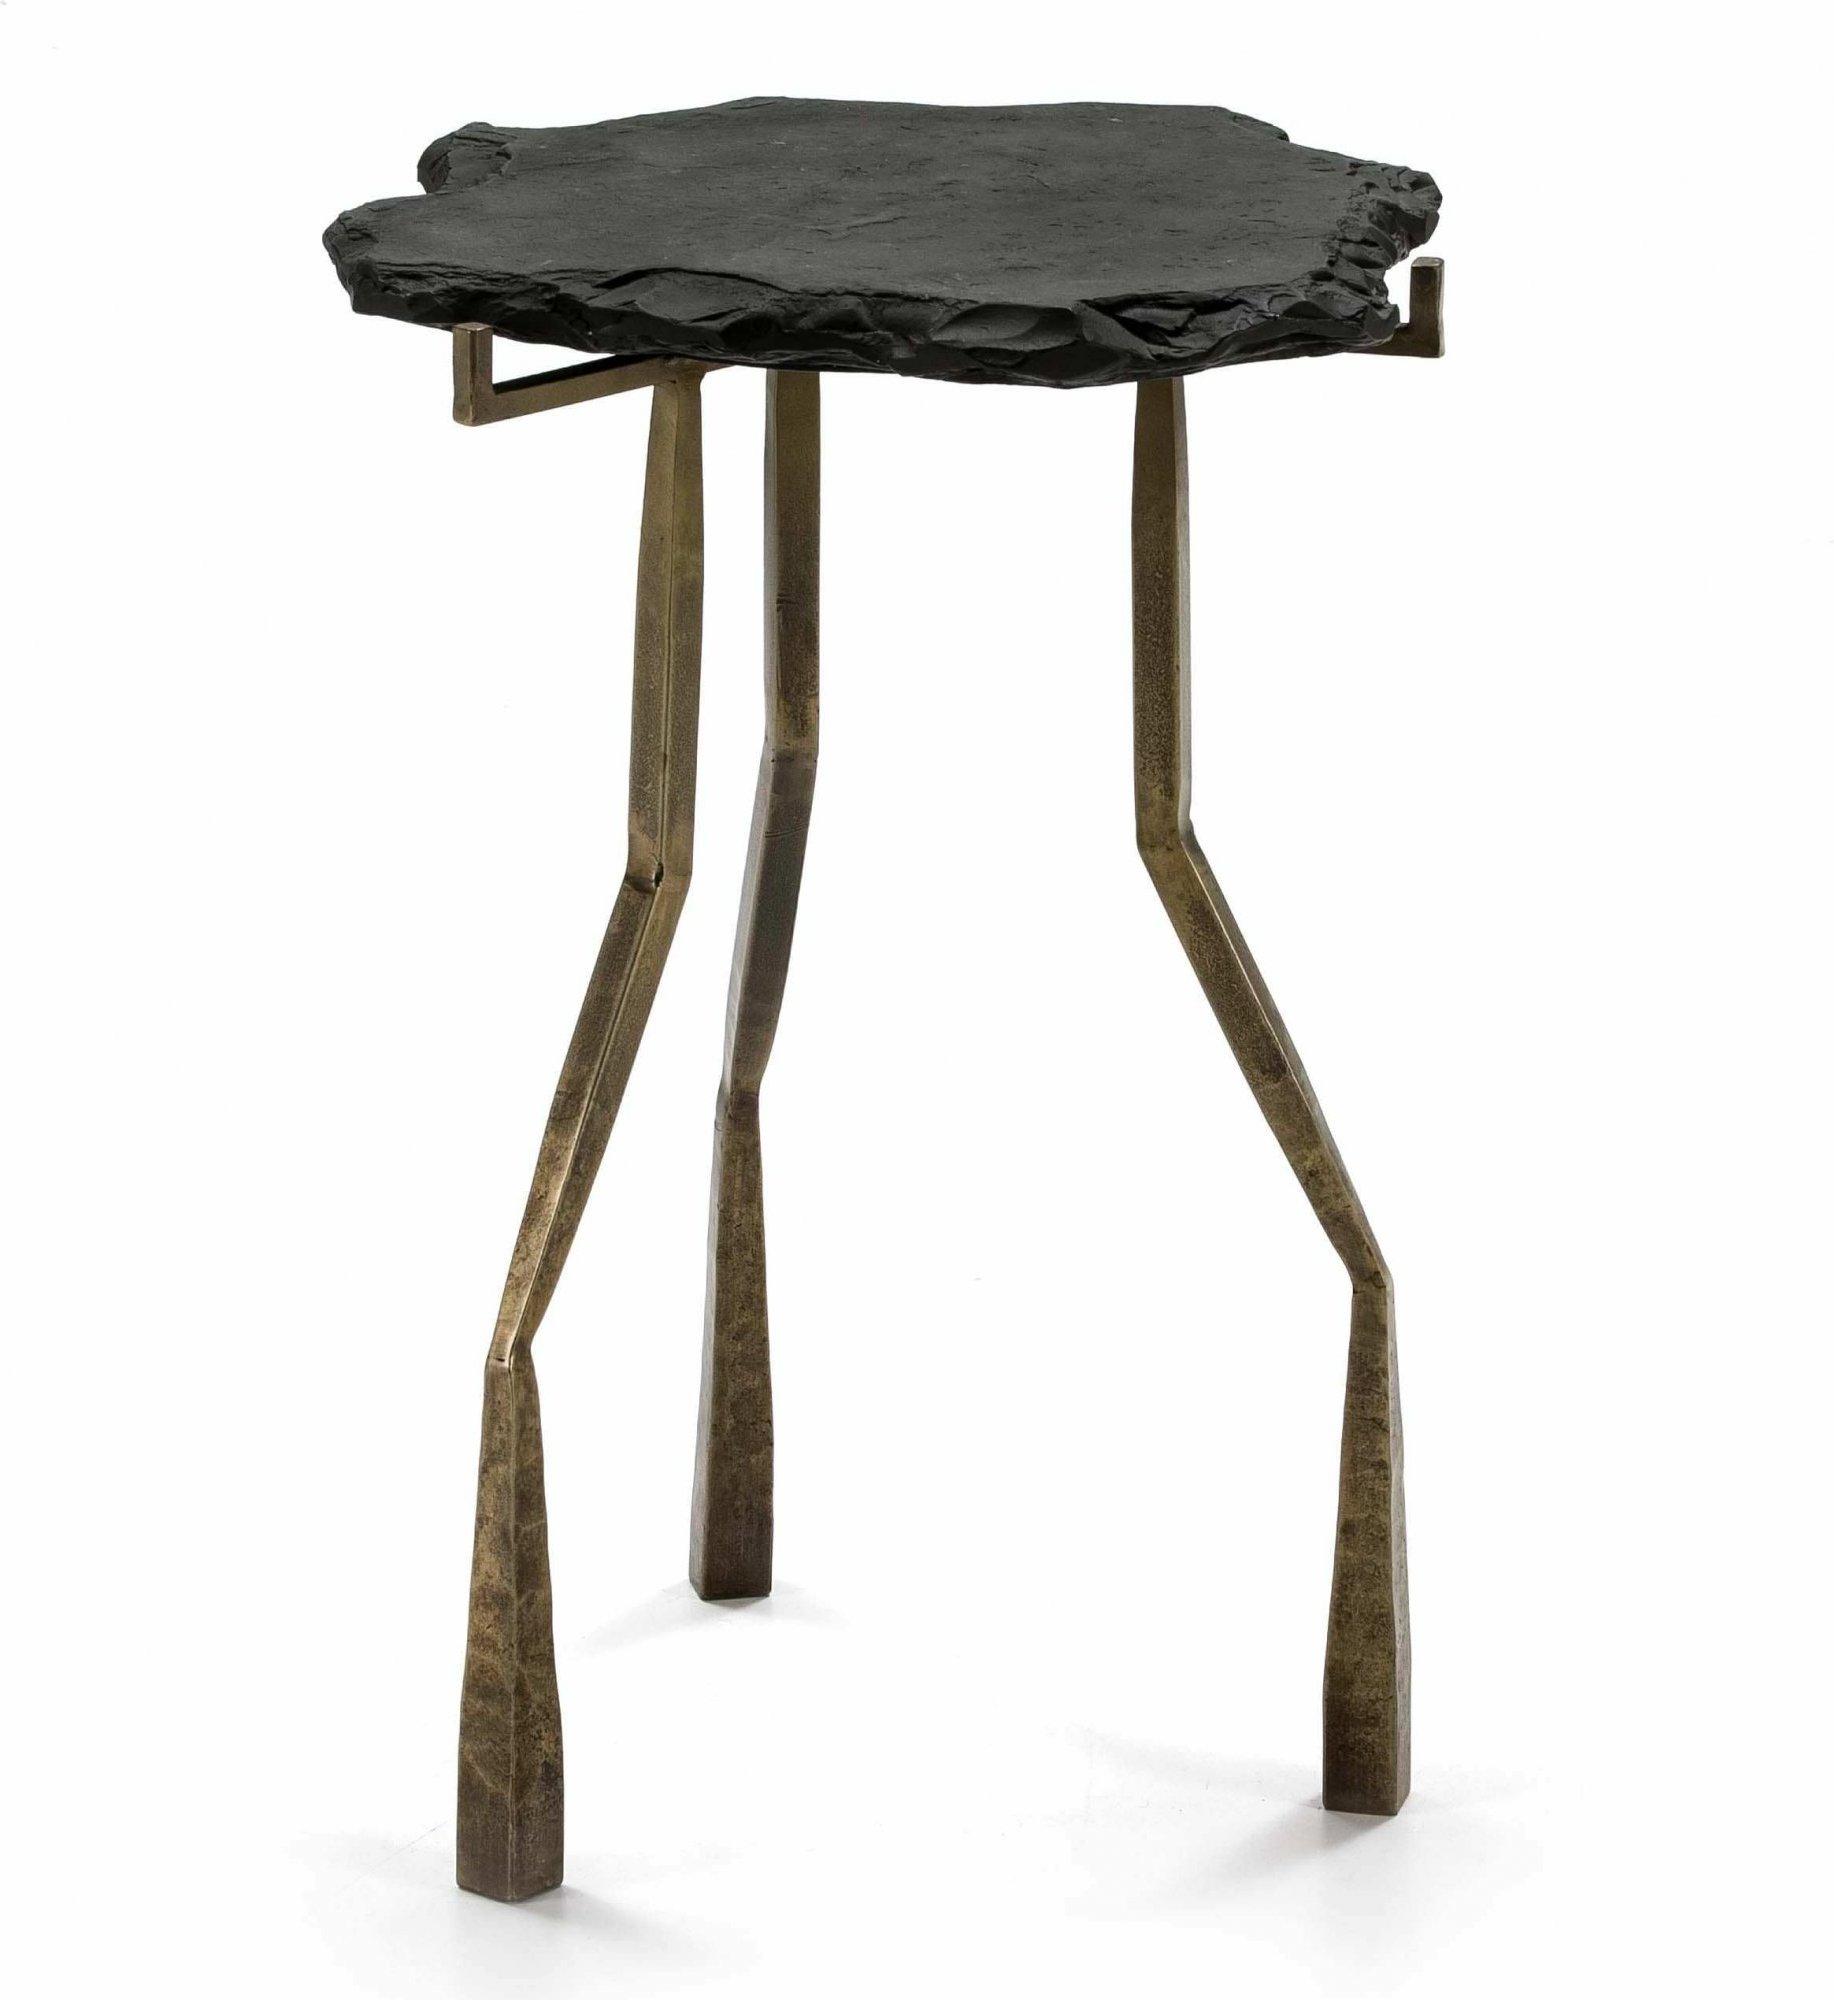 Table d'appoint aralla Noir